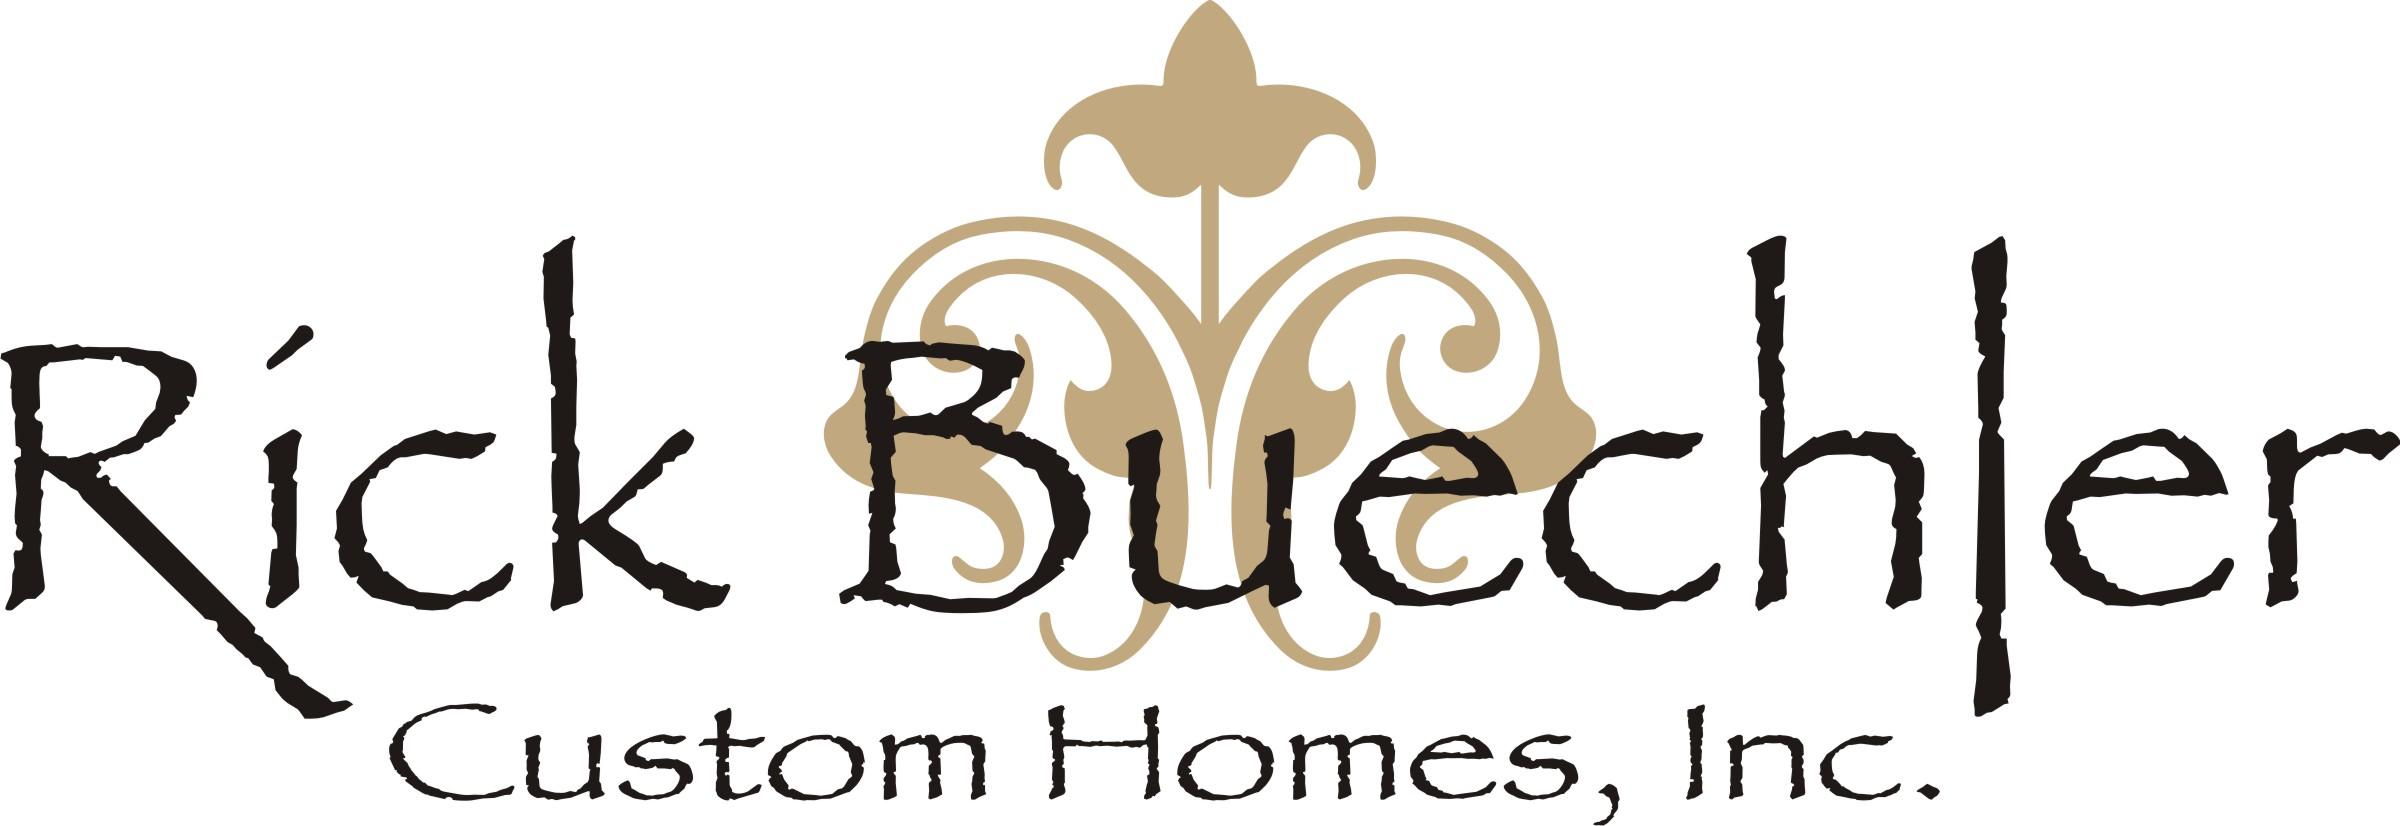 Rick Buechler logo.jpg